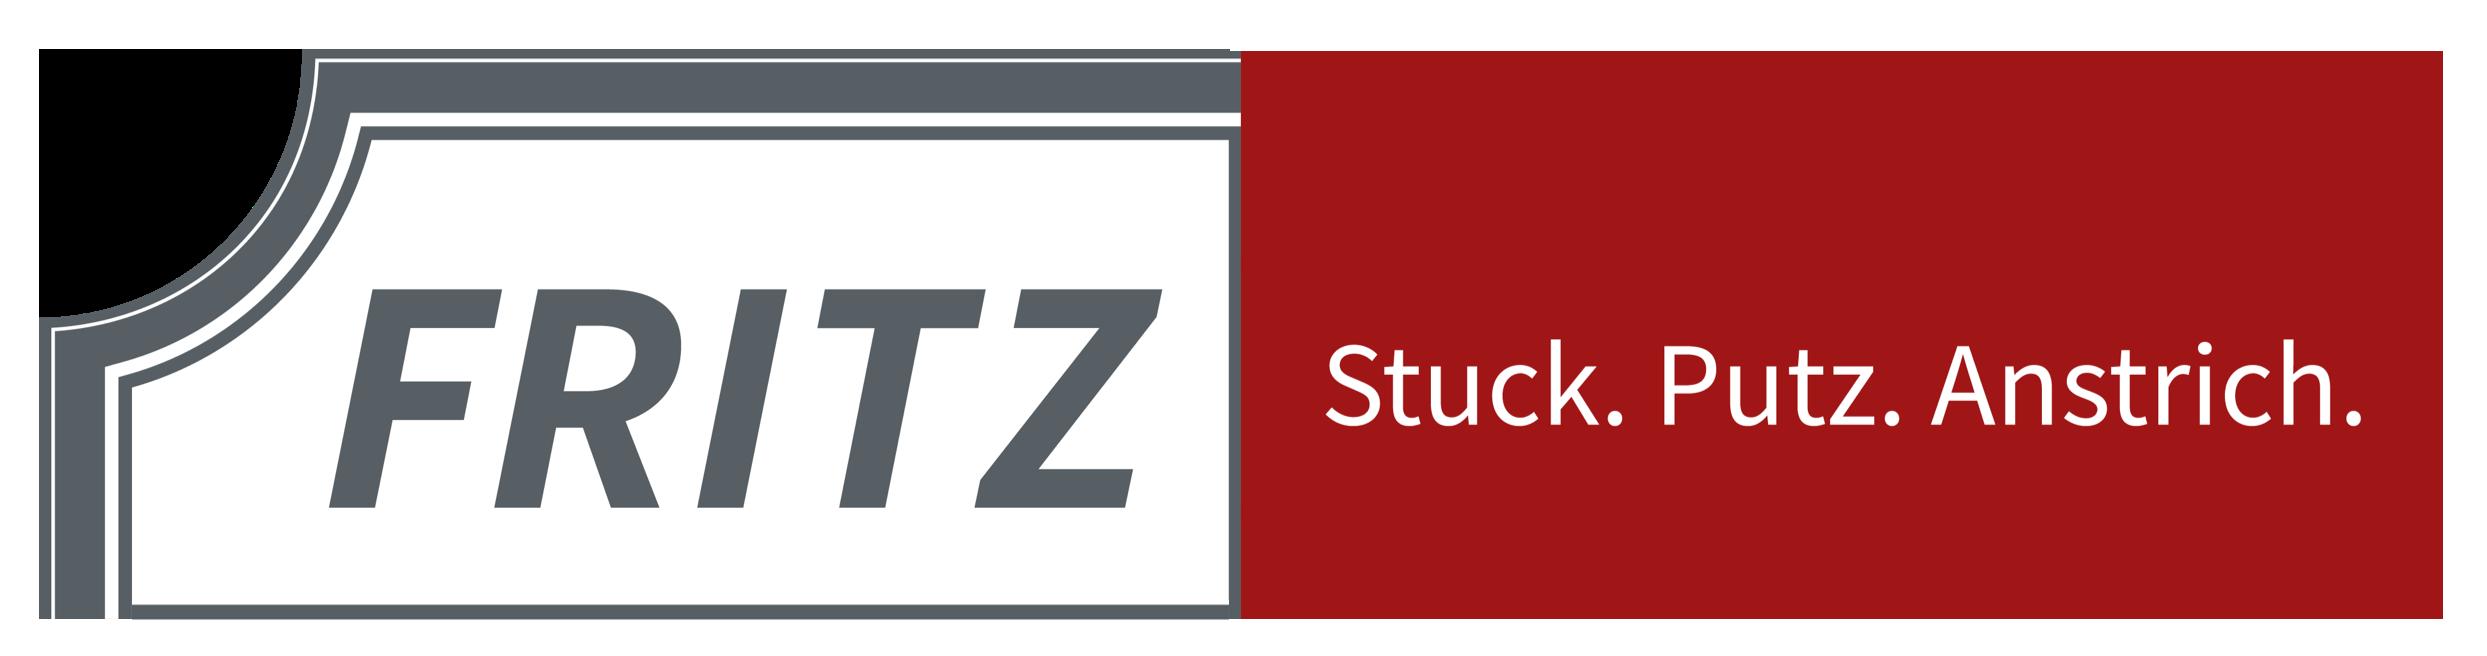 Fritz Stuck. Putz. Anstrich